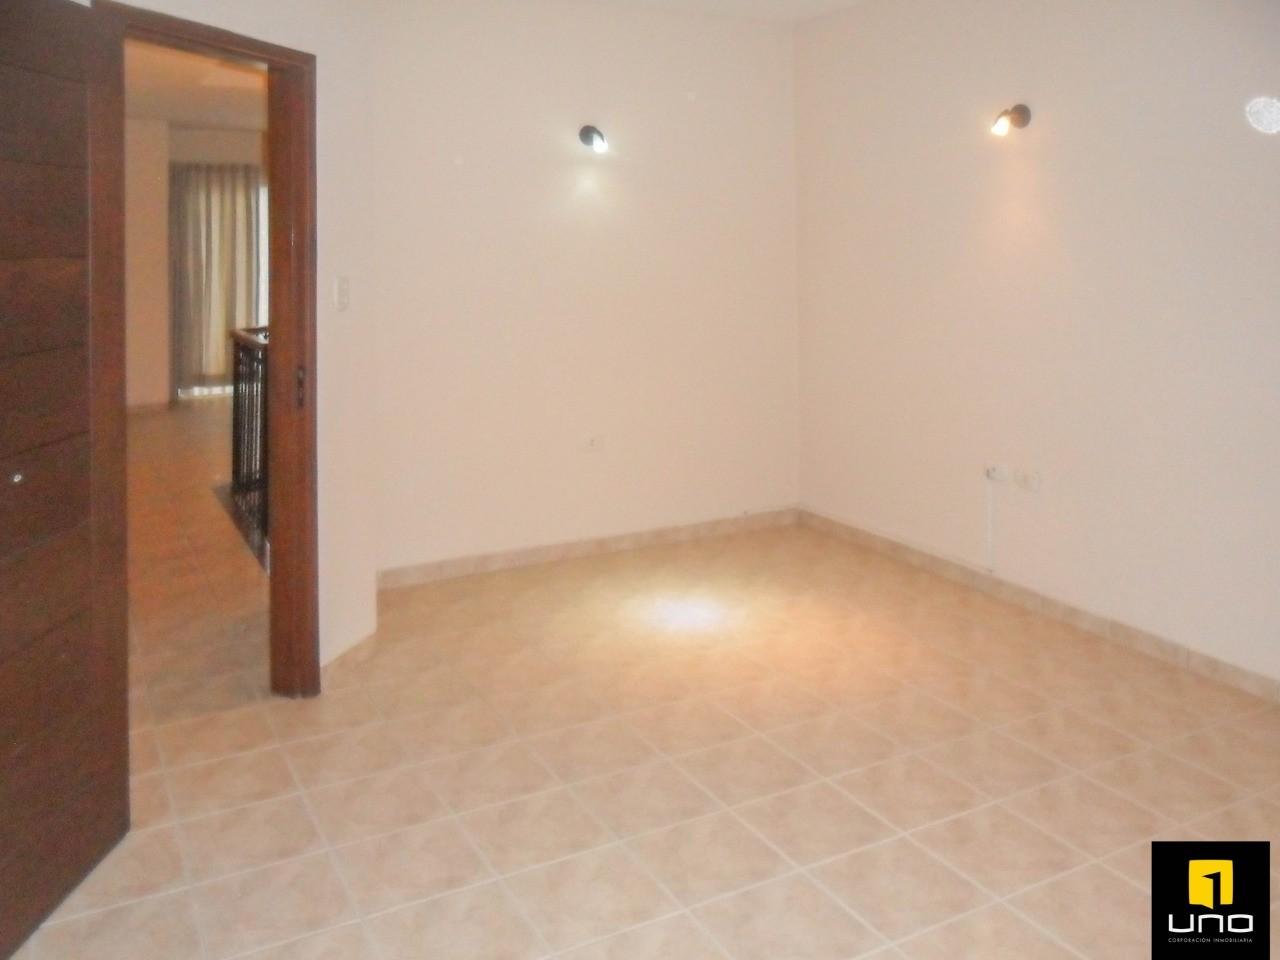 Casa en Alquiler ZONA OESTE, BARRIO LAS PALMAS Foto 2